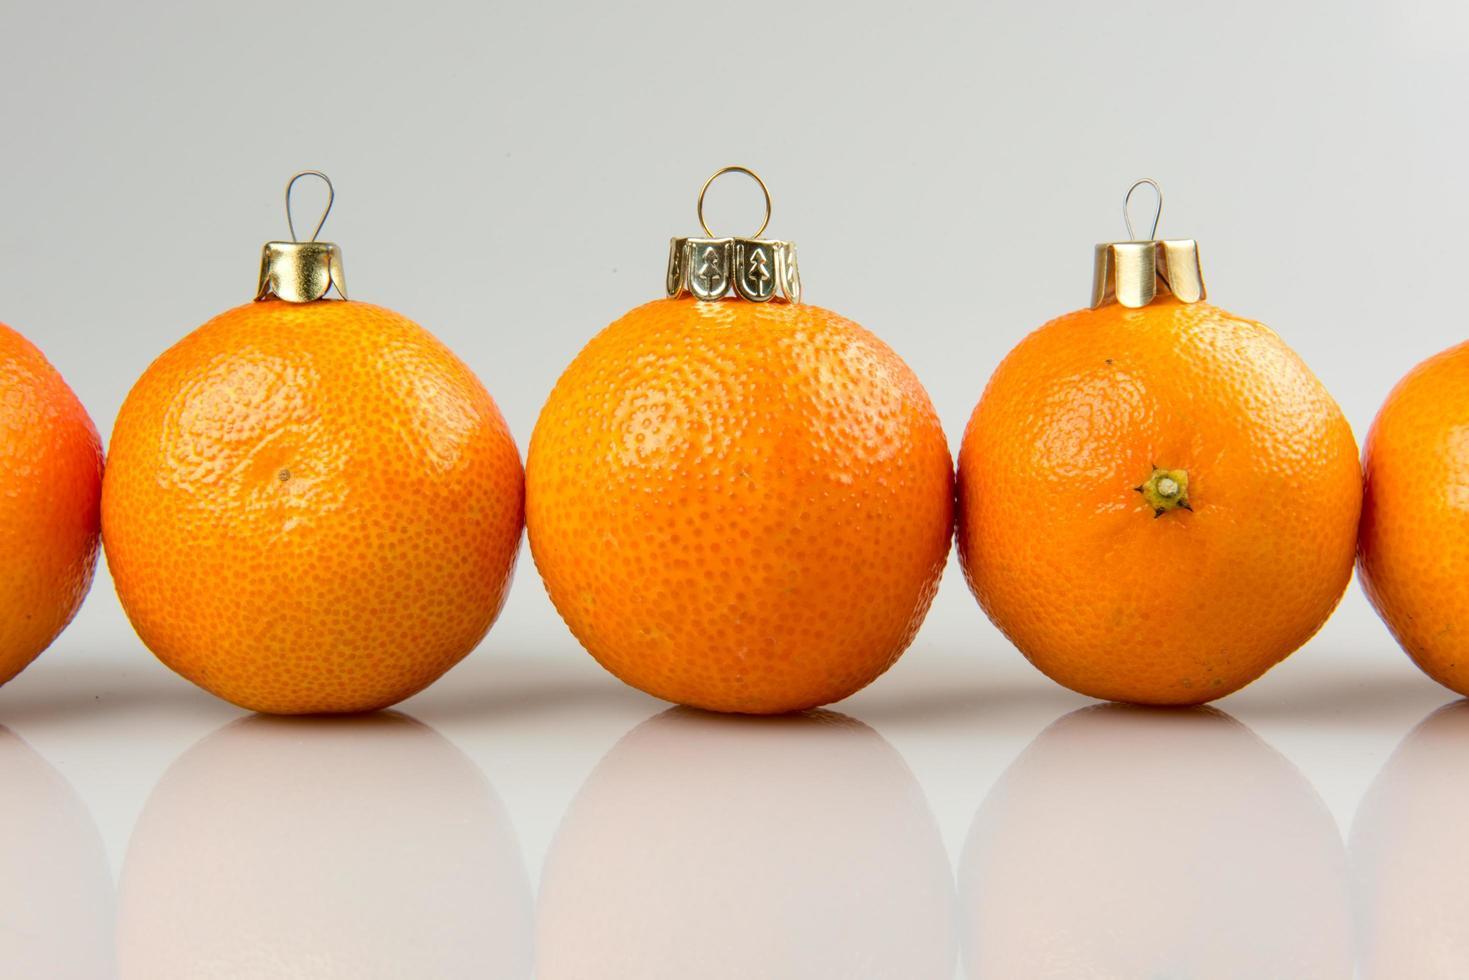 Nahaufnahme von Mandarinenkugeln foto